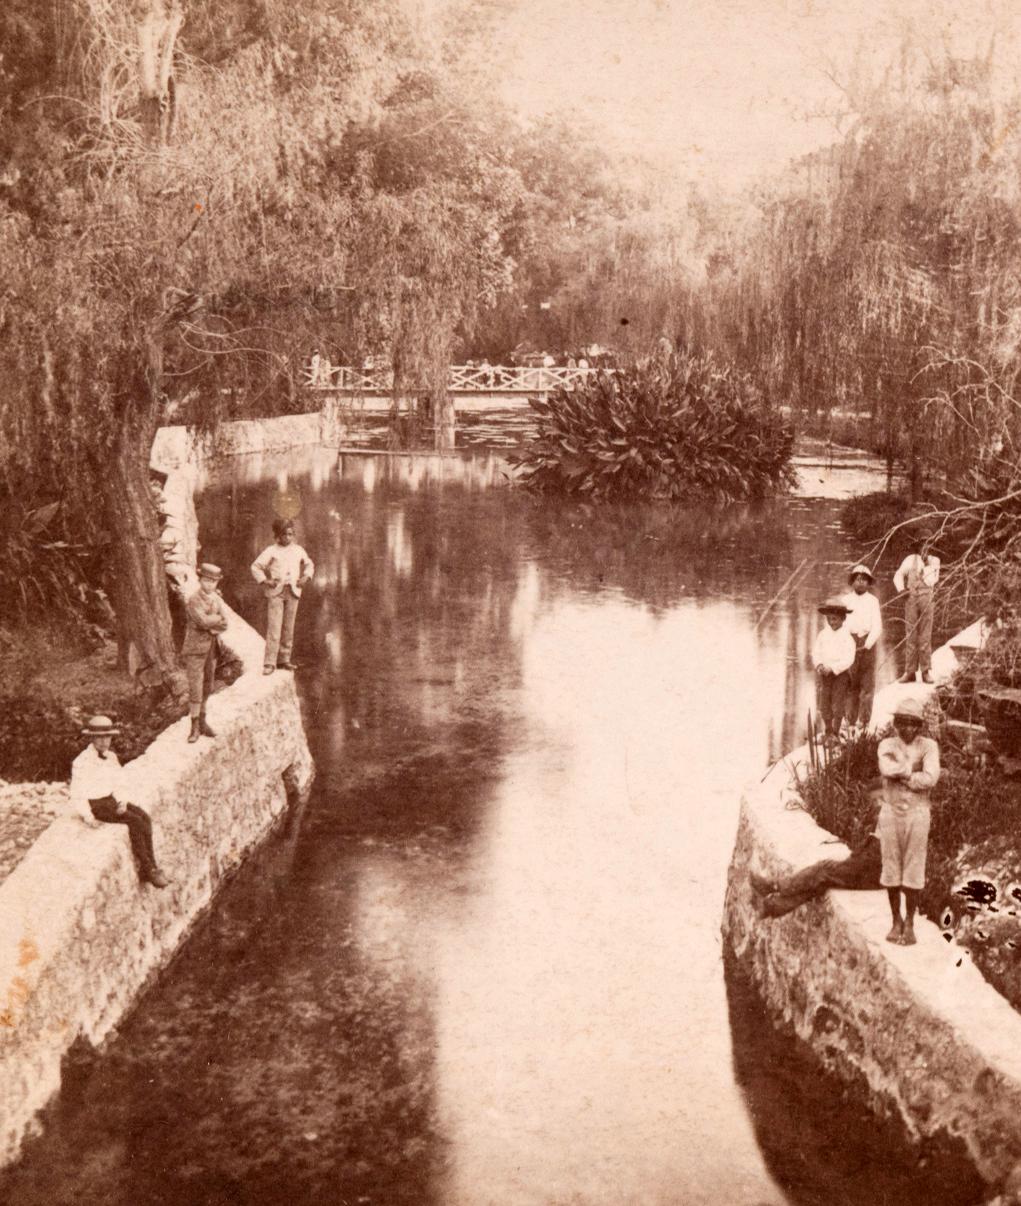 San Pedro Springs Park, 1860s